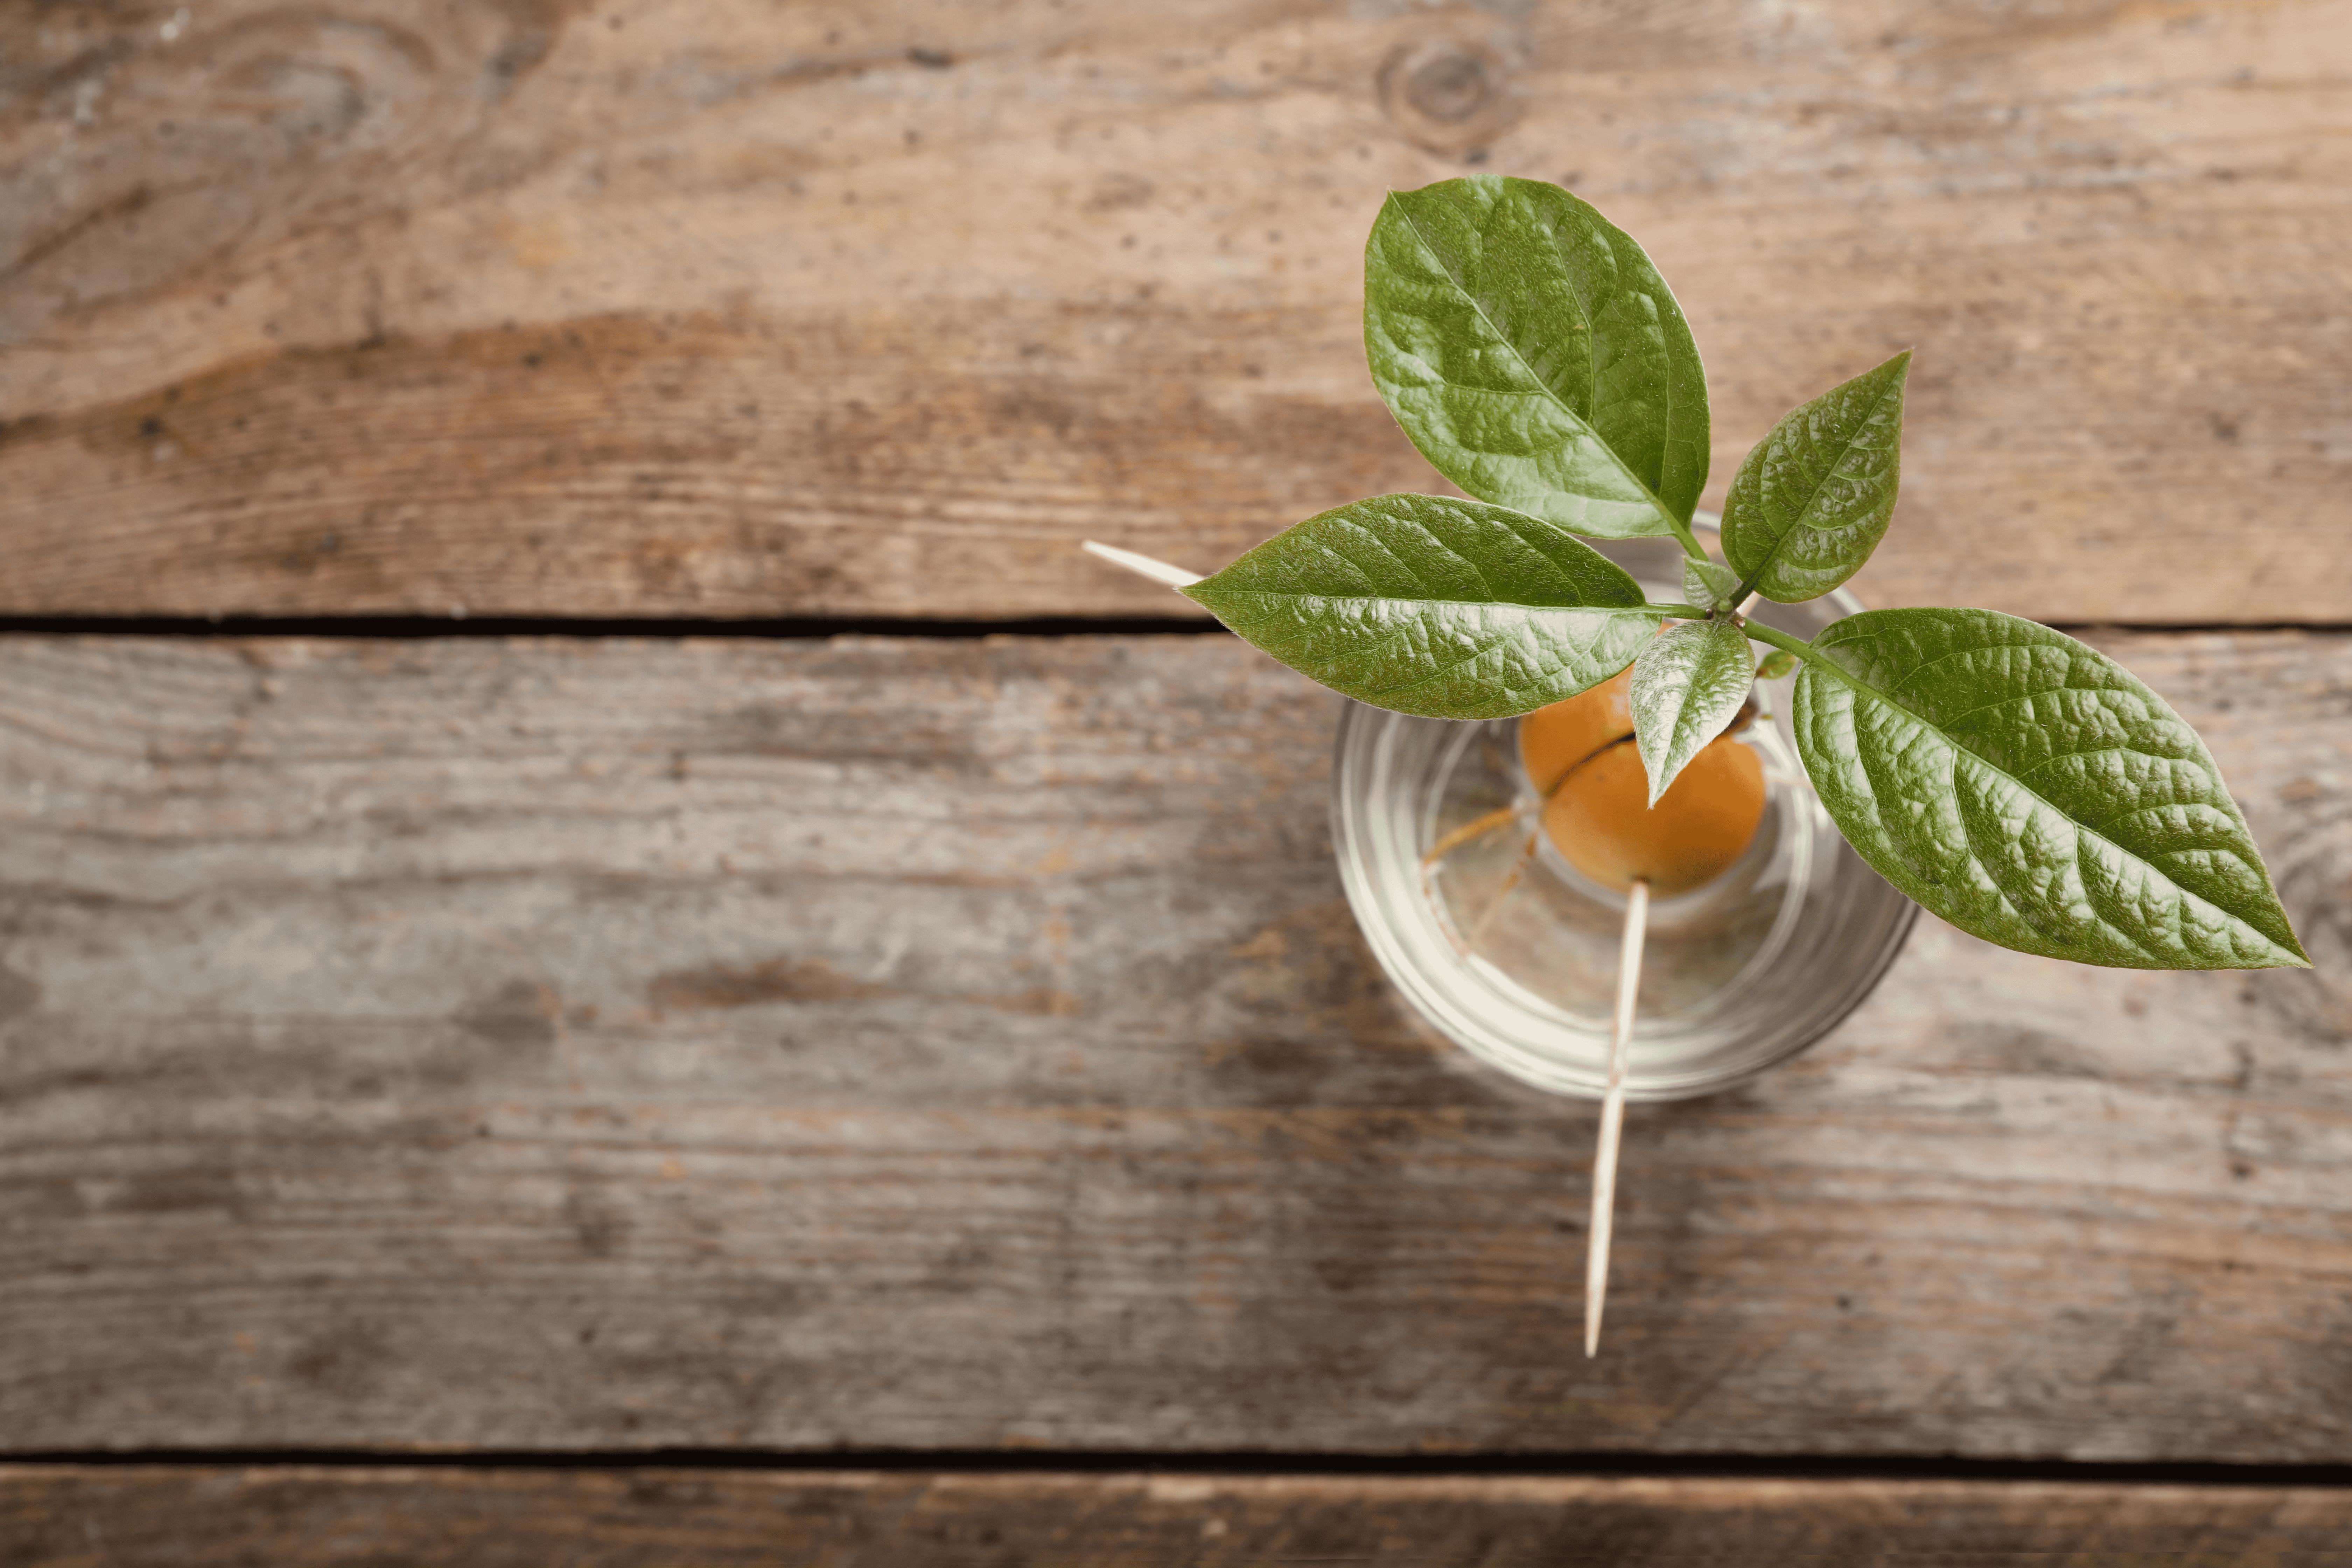 Nocciolo Di Avocado In Acqua piantare avocado in casa o sul balcone: ecco cosa fare